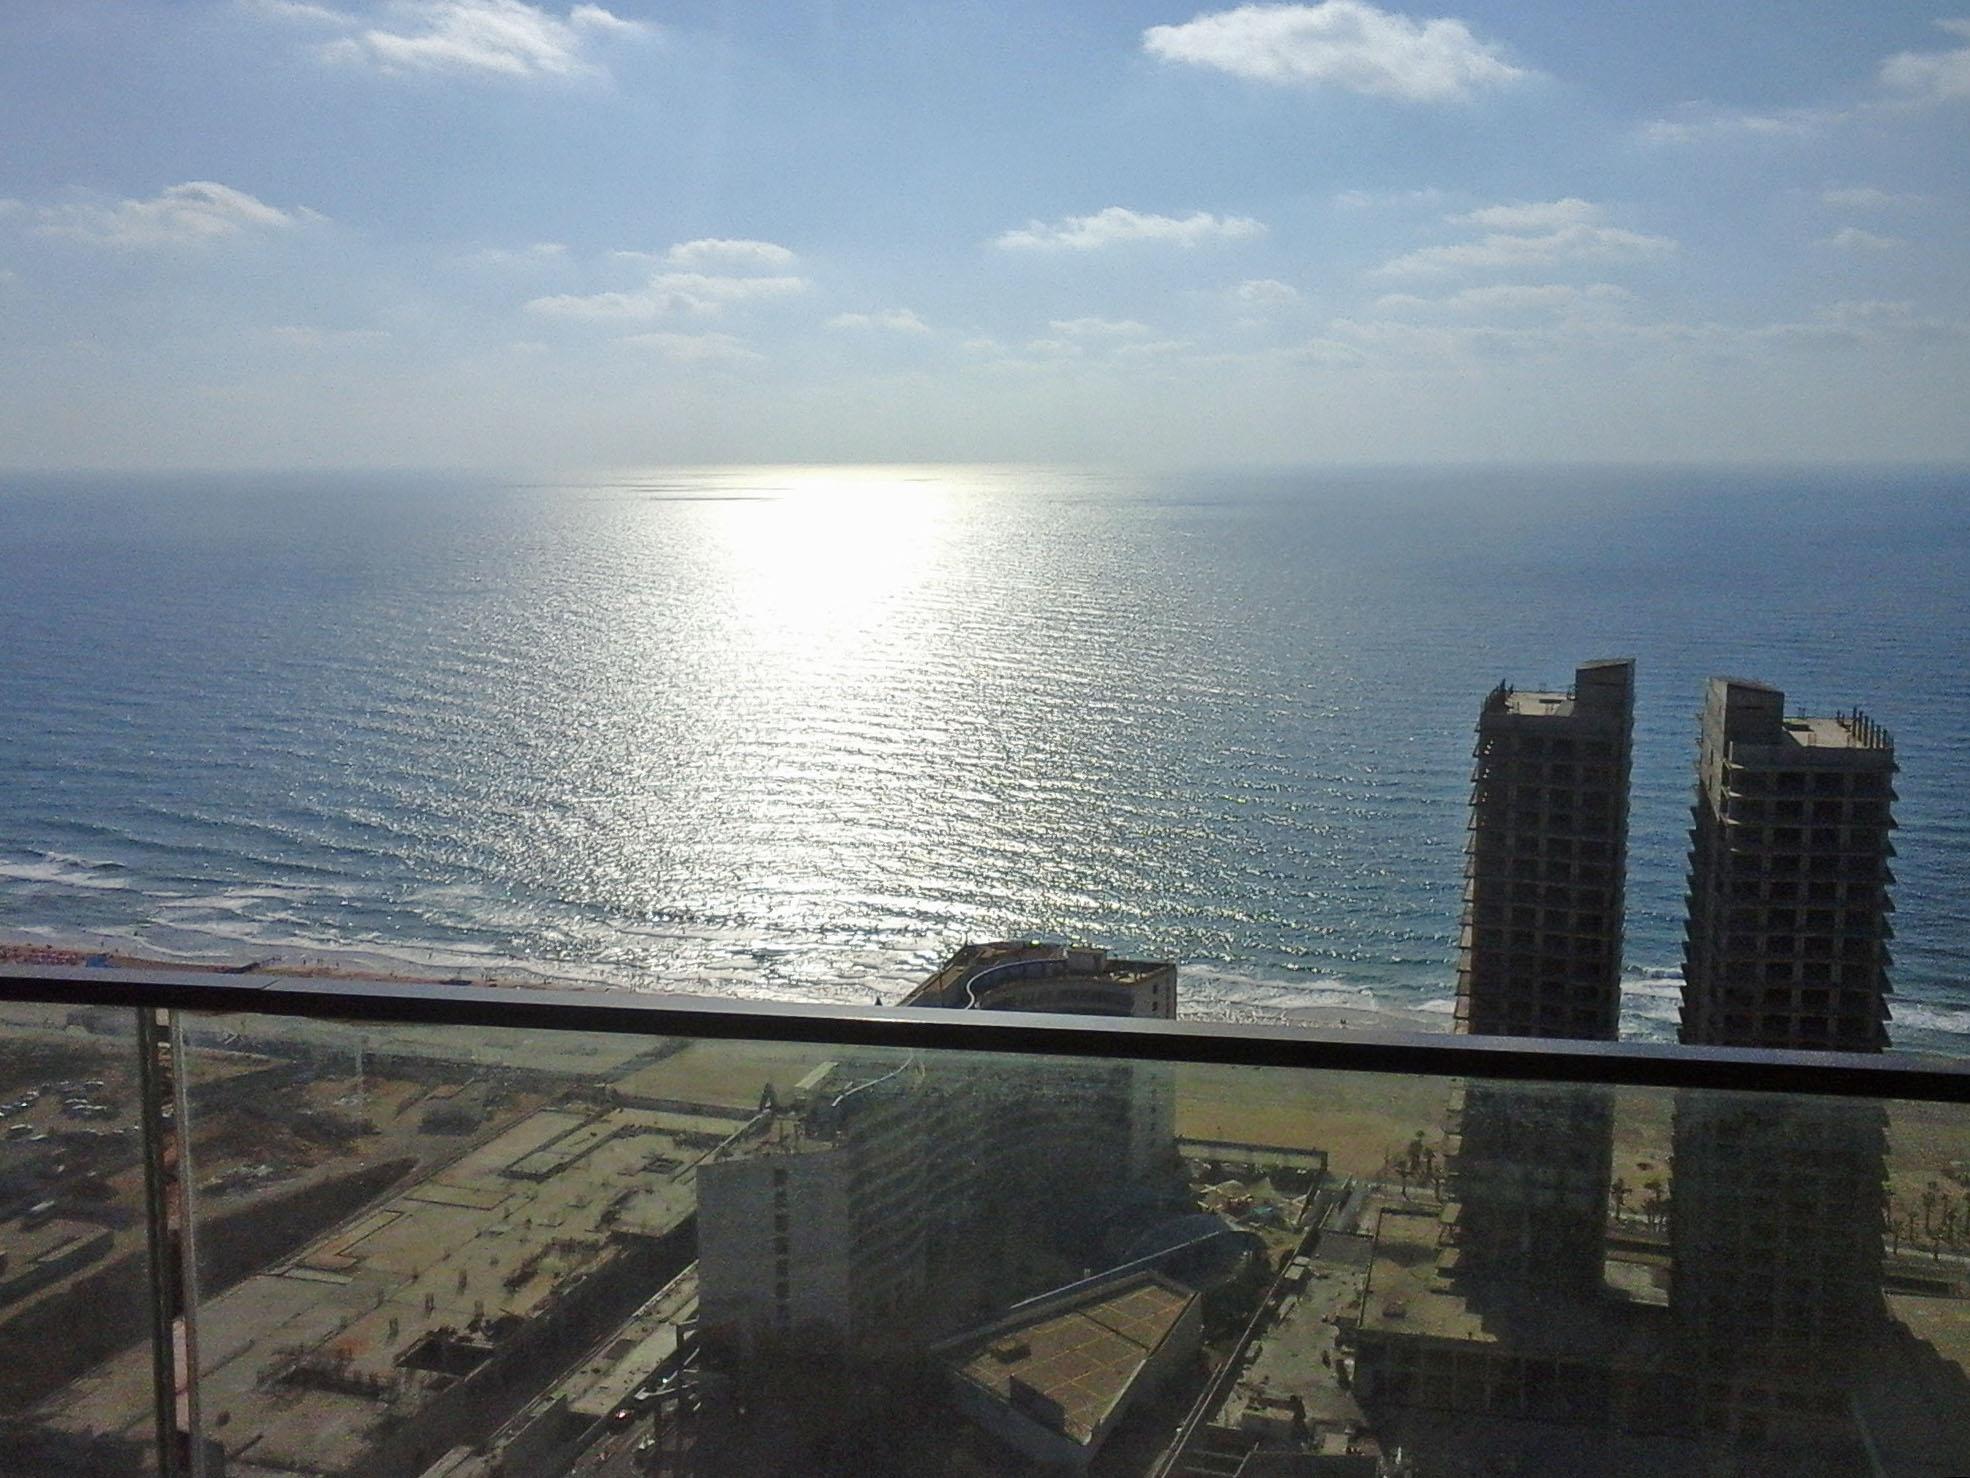 בת ים דירה למכירה 5 חדרים 4,700,000₪, בת ים